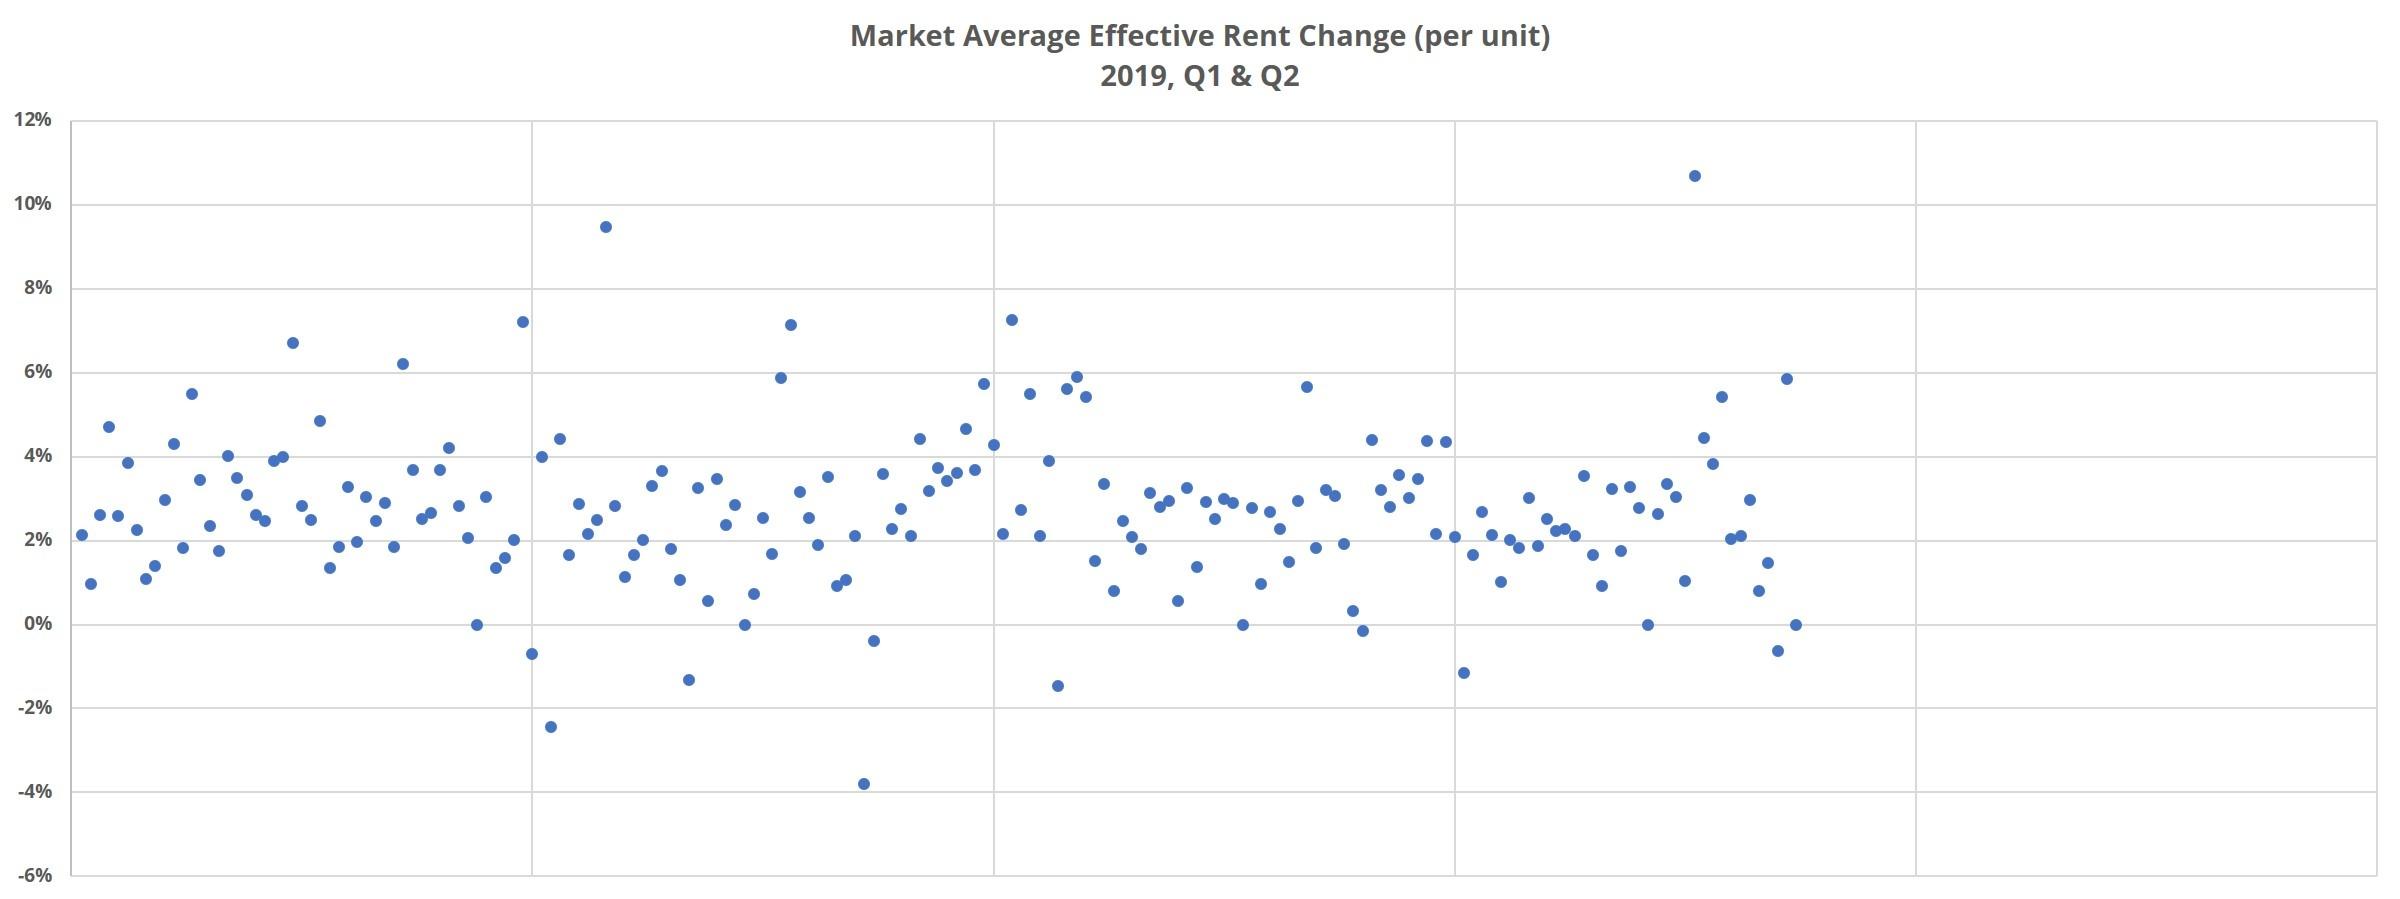 Market Average Effective Rent Change per unit